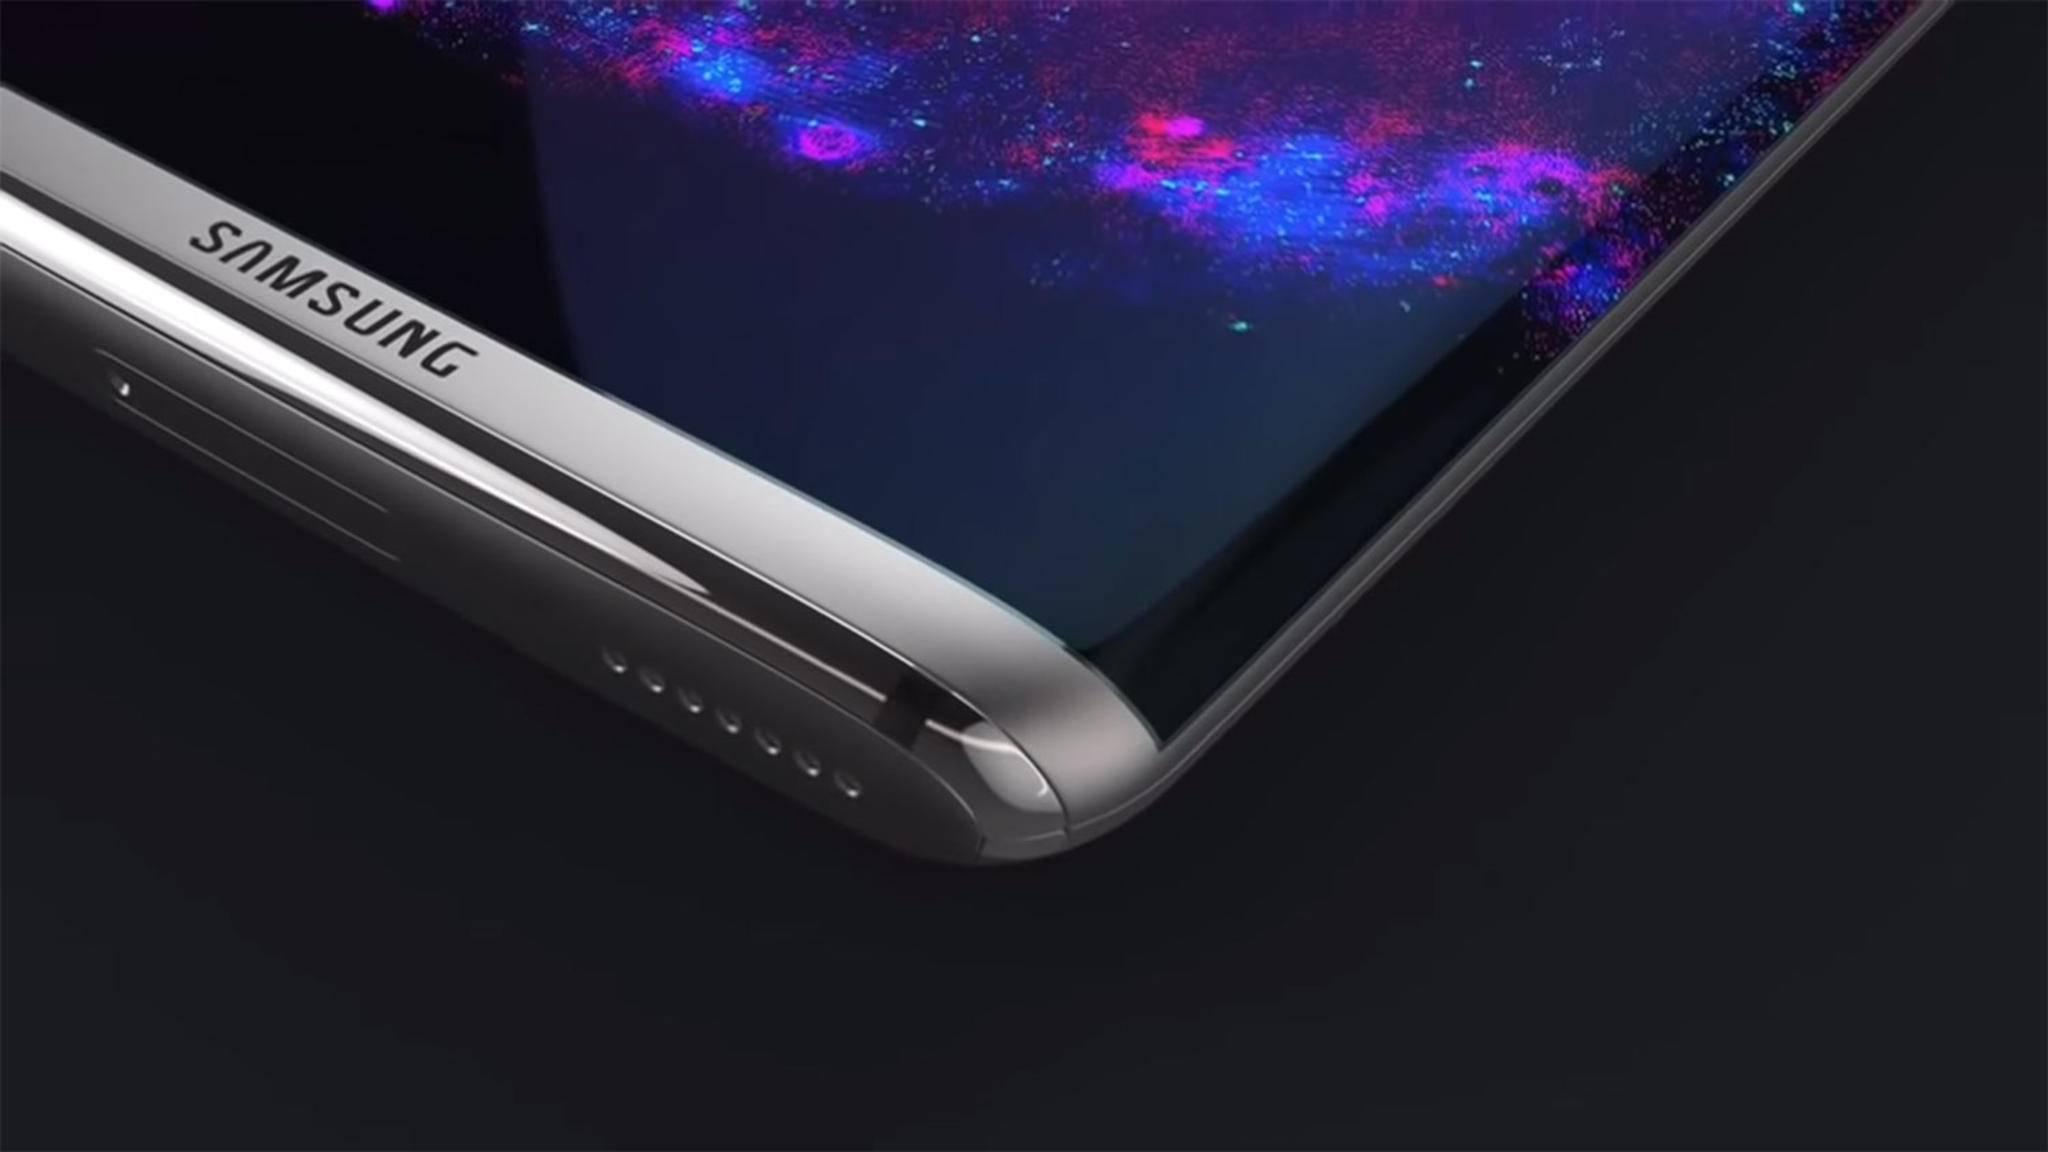 Das verraten die geleakten Specs über das Galaxy S8.